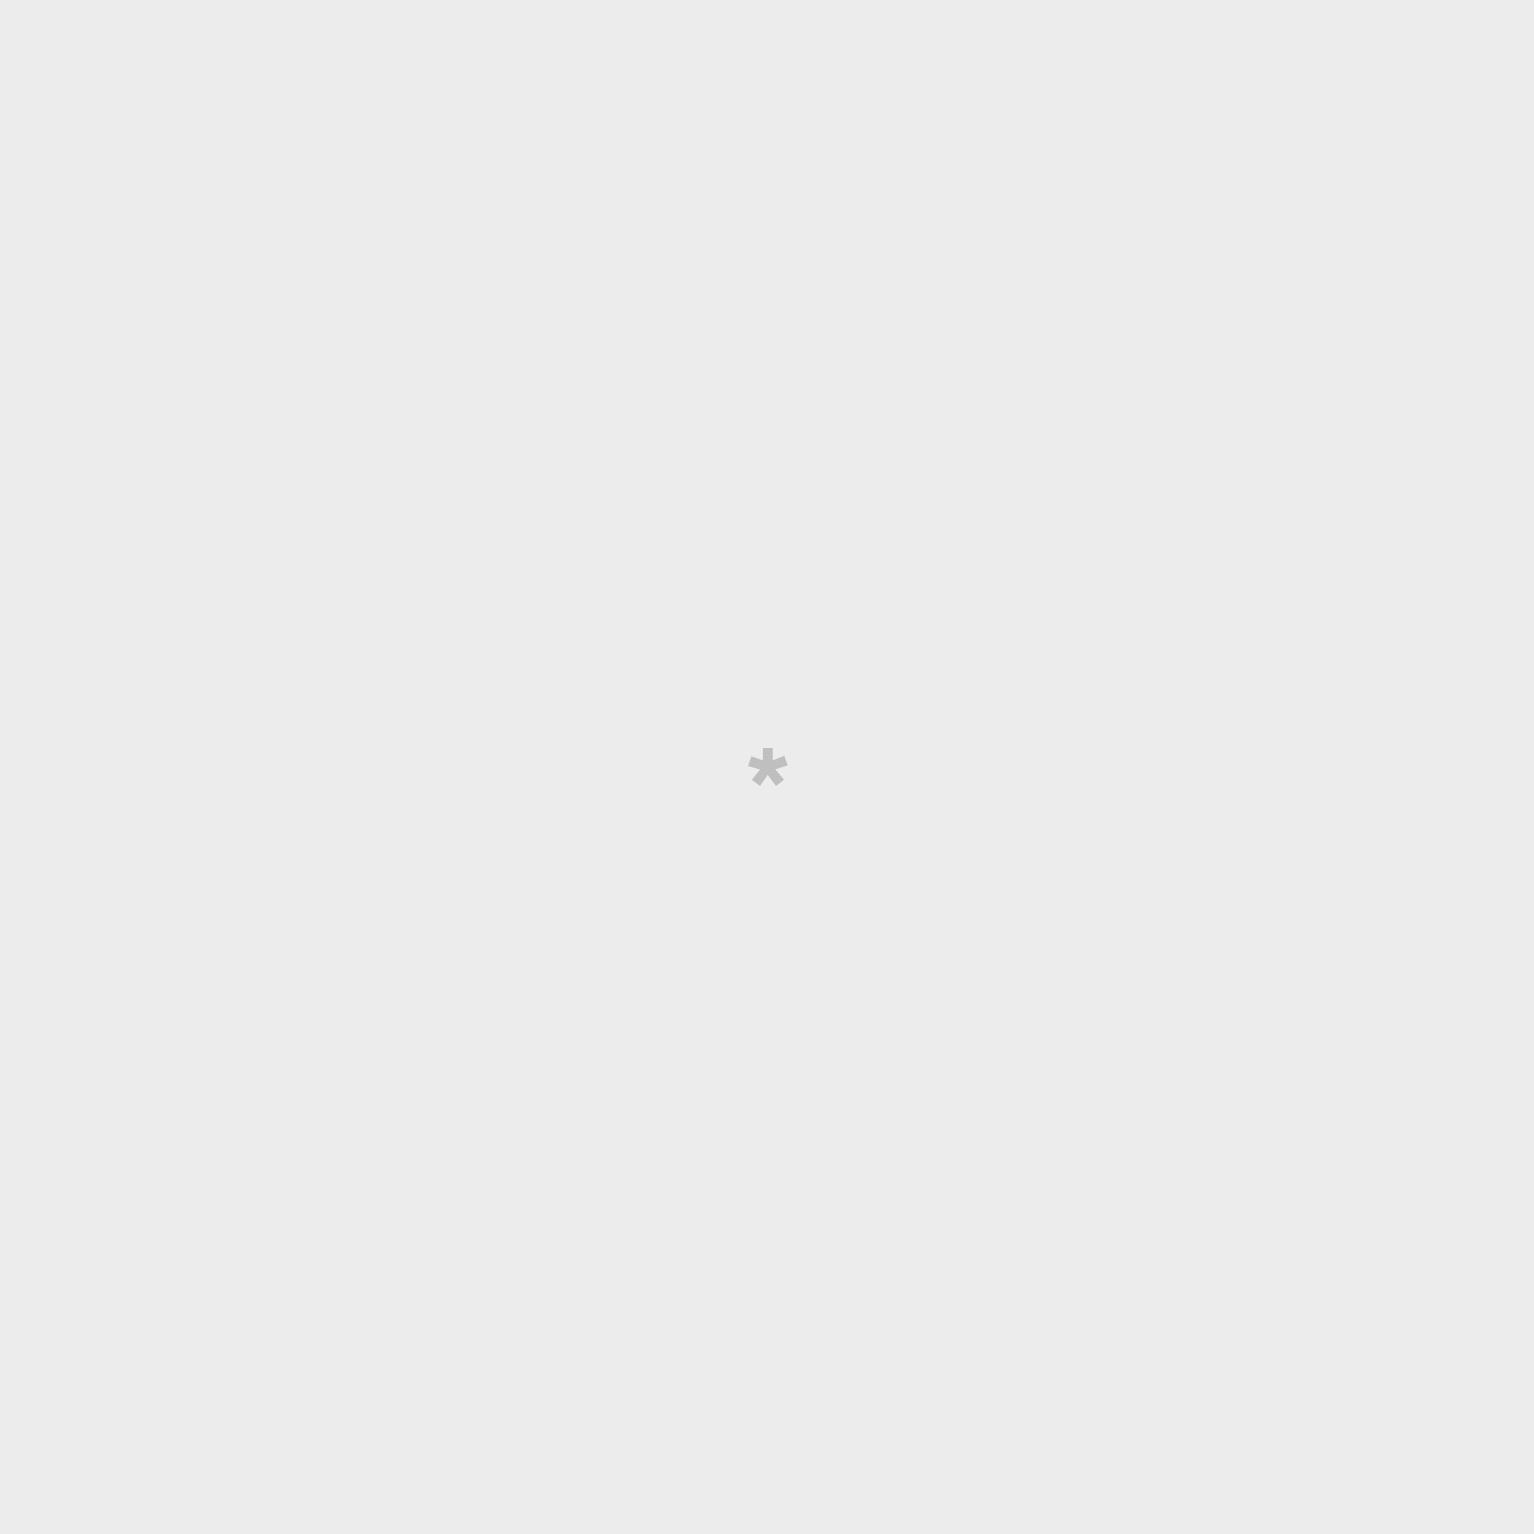 Magnet bloc-notes - Si seulement les tâches ménagères me plaisaient autant que tu me plais !(FR)